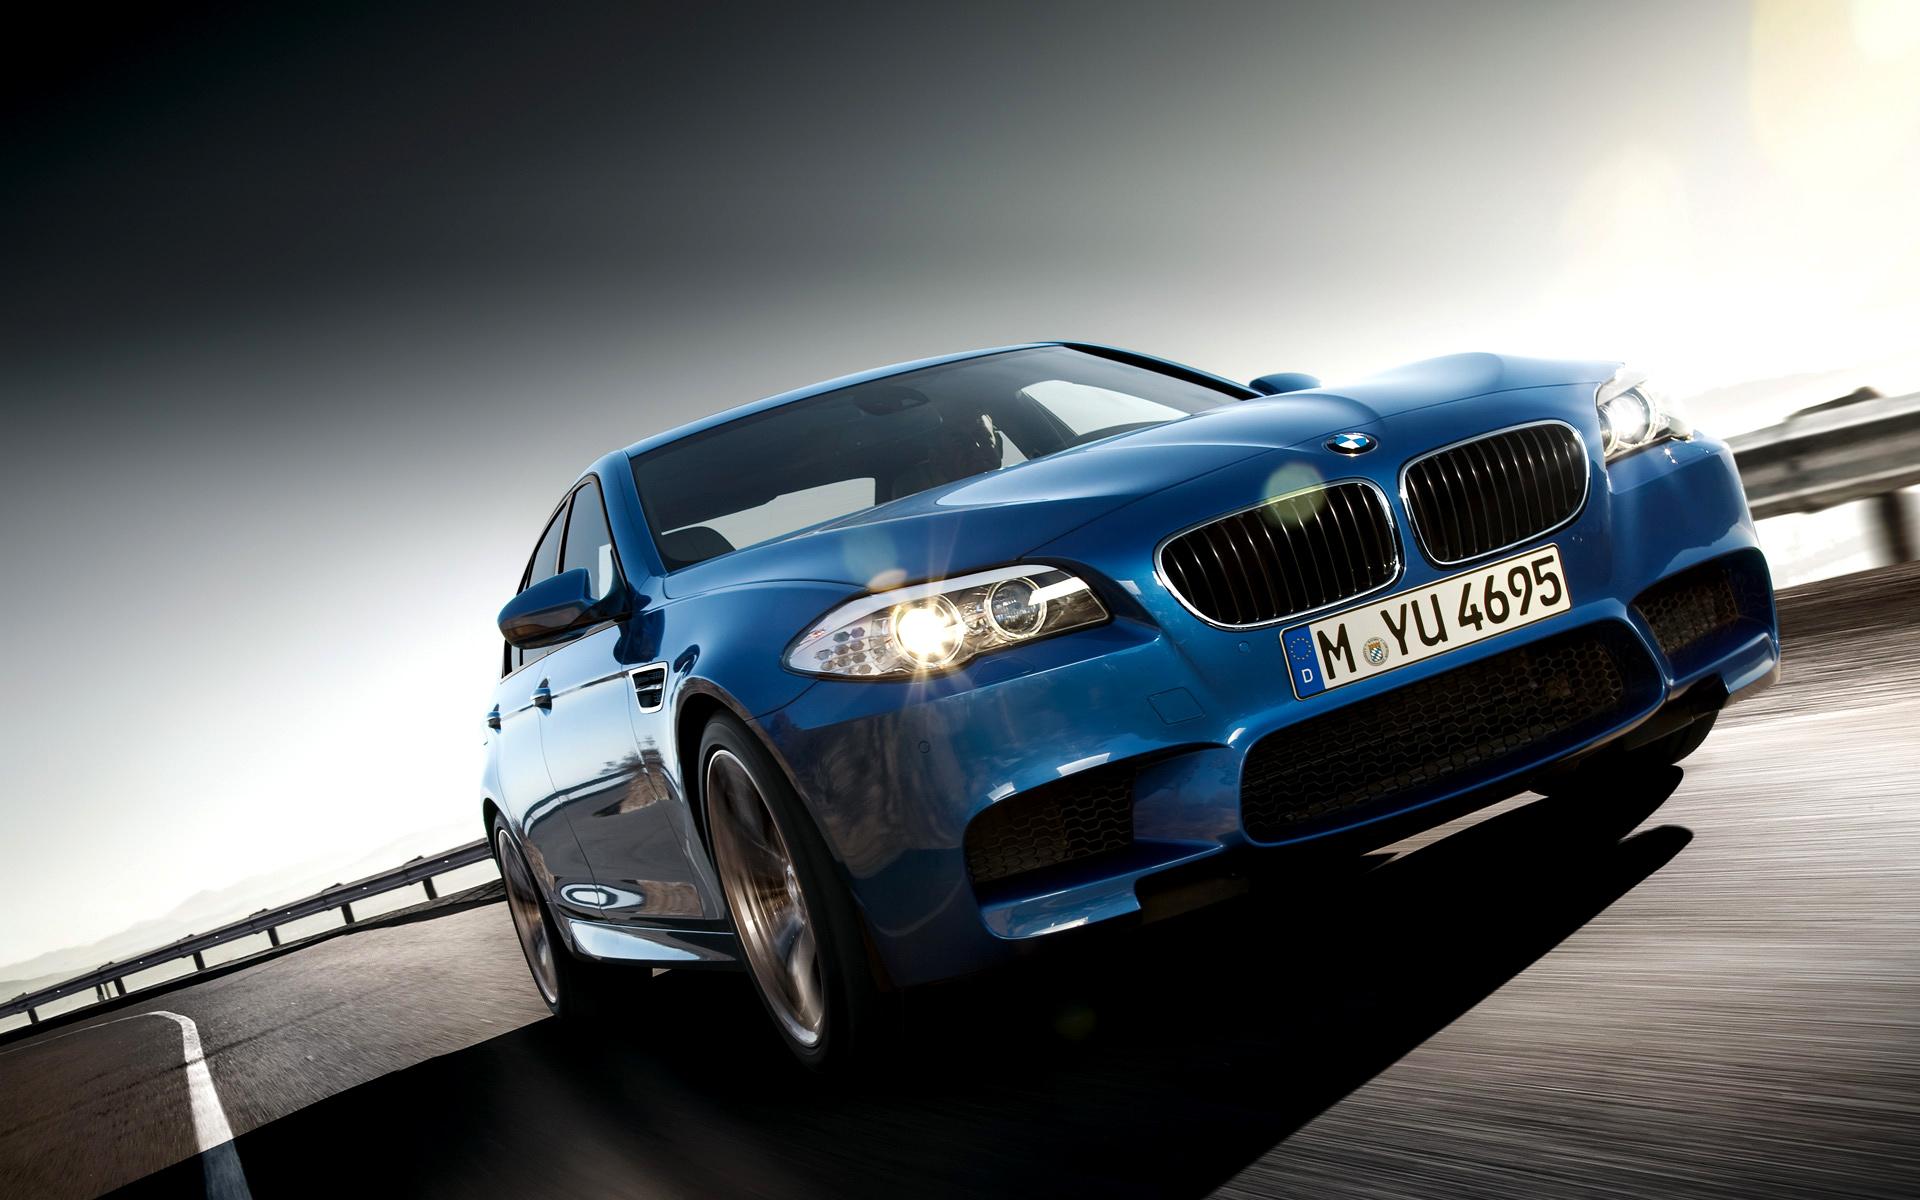 BMW M5 Wallpaper Widescreen 296 Wallpaper Cool Walldiskpapercom 1920x1200